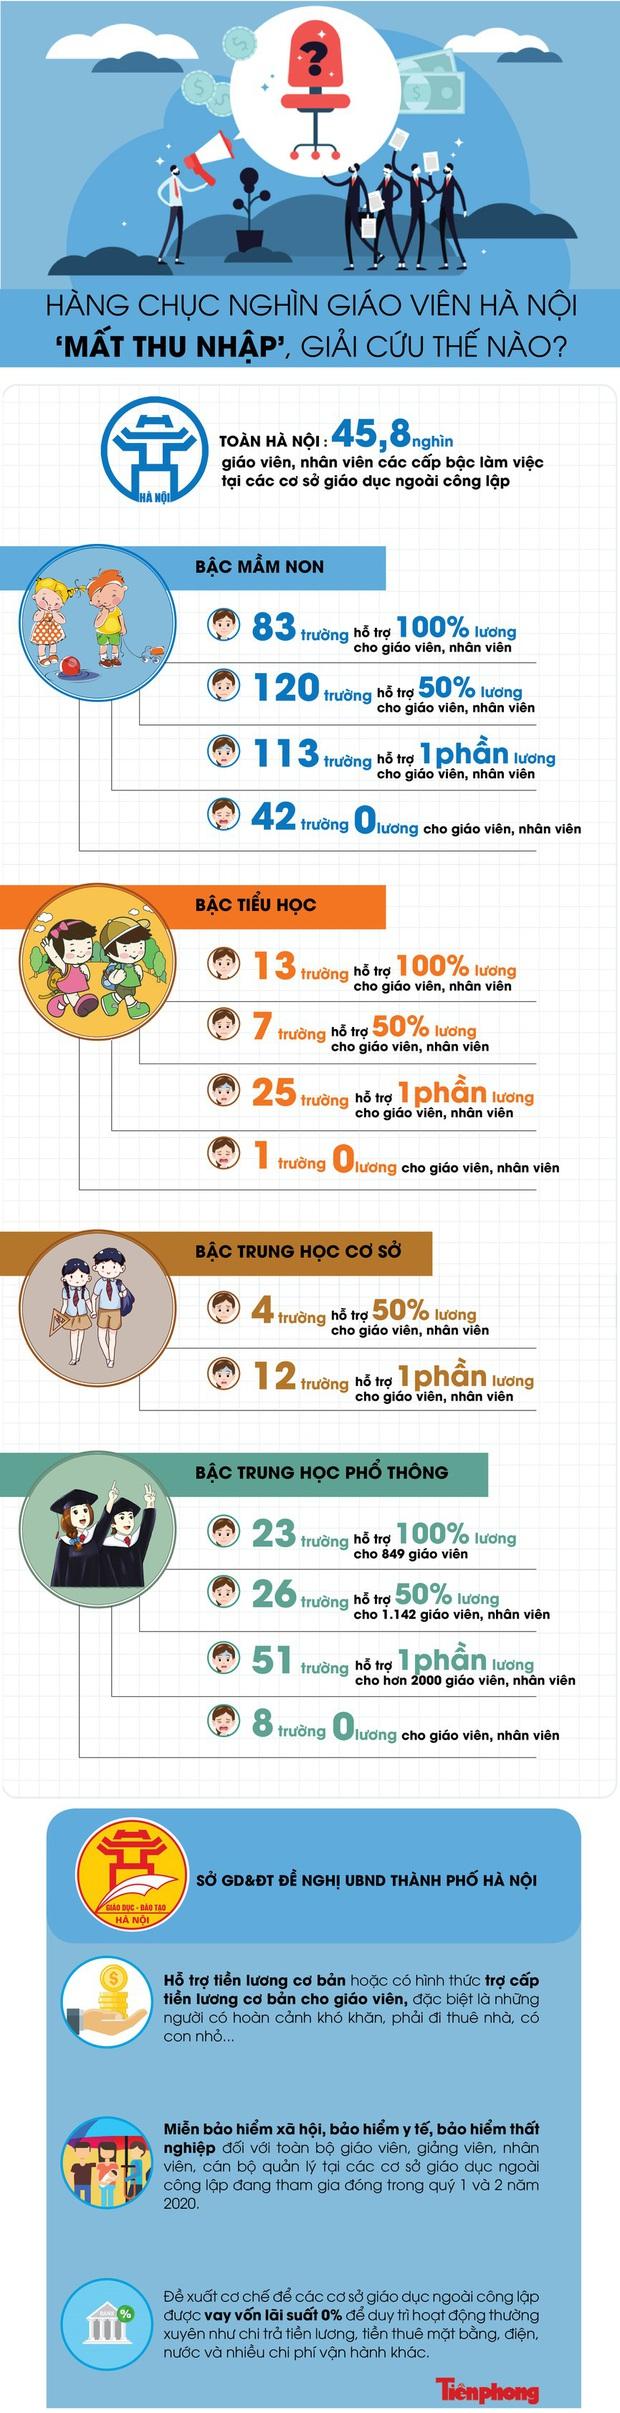 Hàng chục nghìn giáo viên Hà Nội mất thu nhập, giải cứu thế nào? - Ảnh 1.